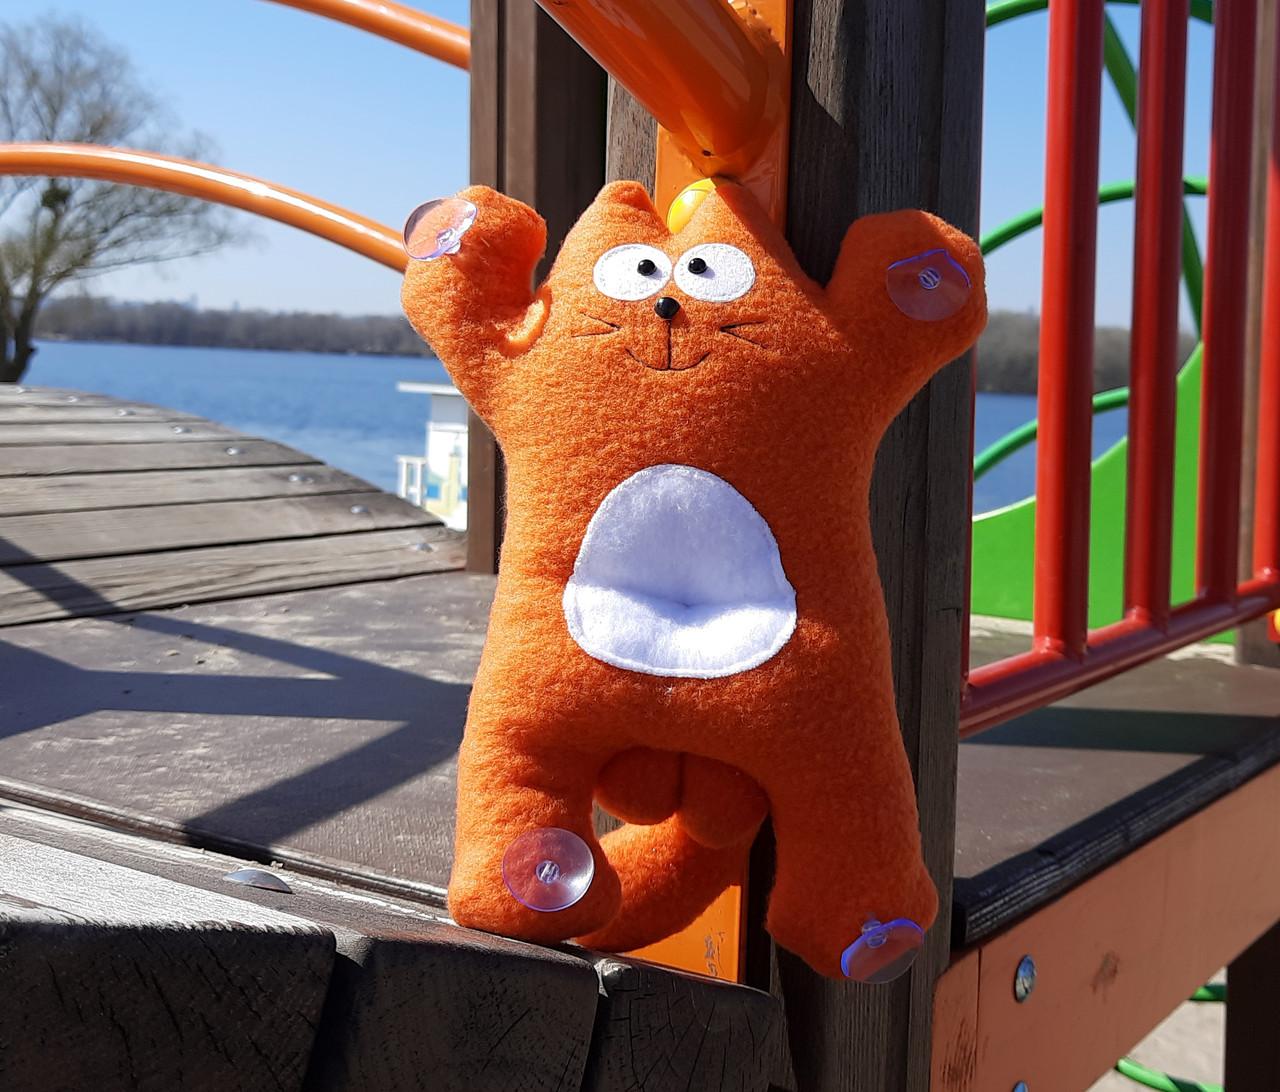 Саймон Кот рыжий на присосках - Сувенир в машину - Мягкая игрушка Кот Саймон - Подарок автомобилисту - фото 6